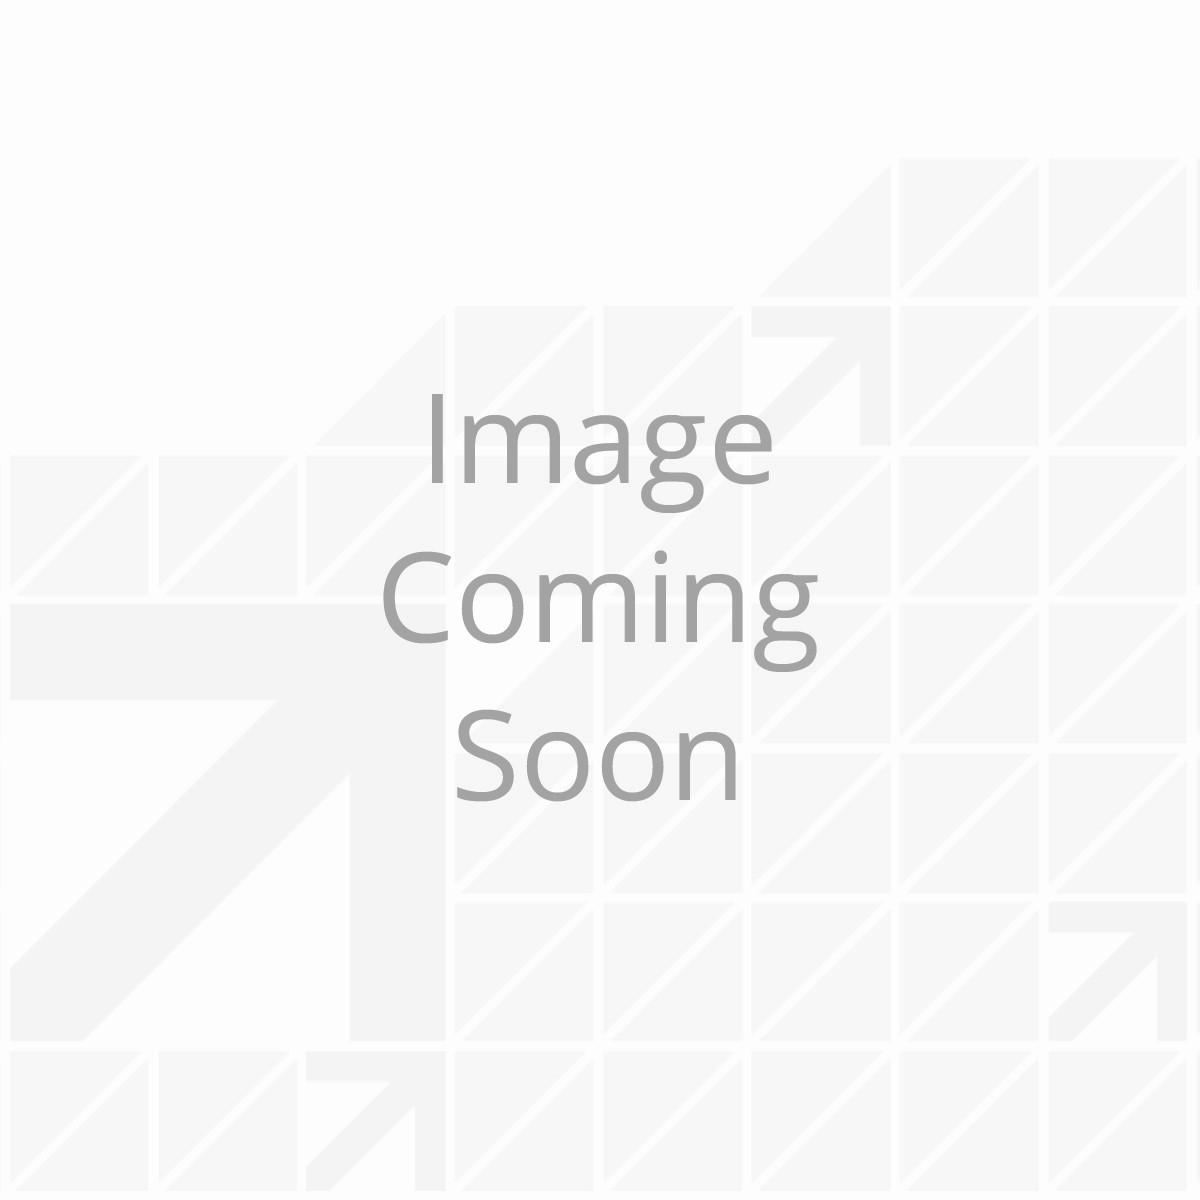 SCREW COVER RIGID PLASTIC WHITE - 76